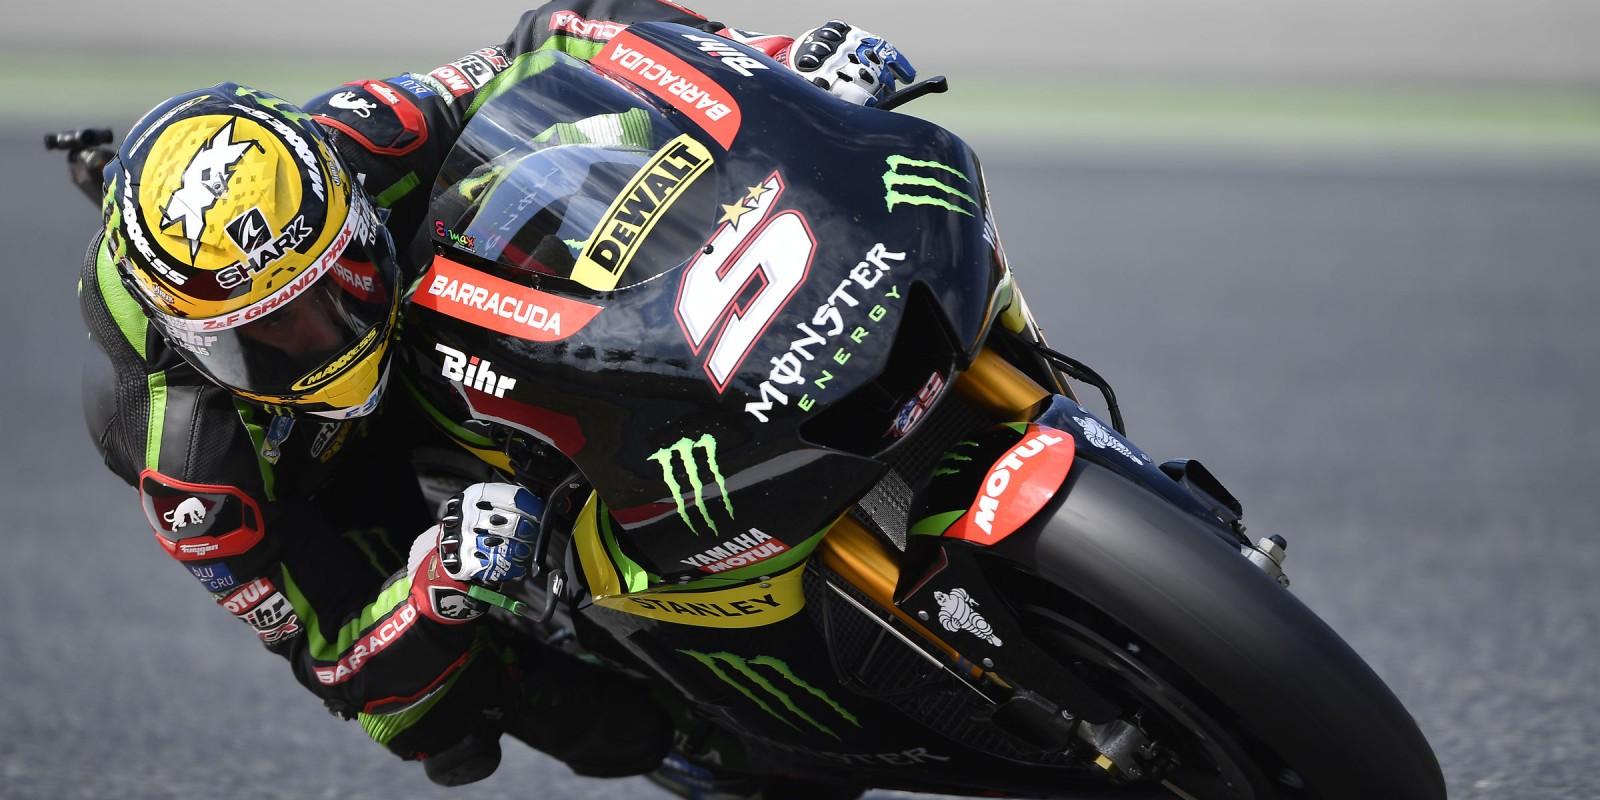 Action images of Yamaha team at Catalunya Grand Prix